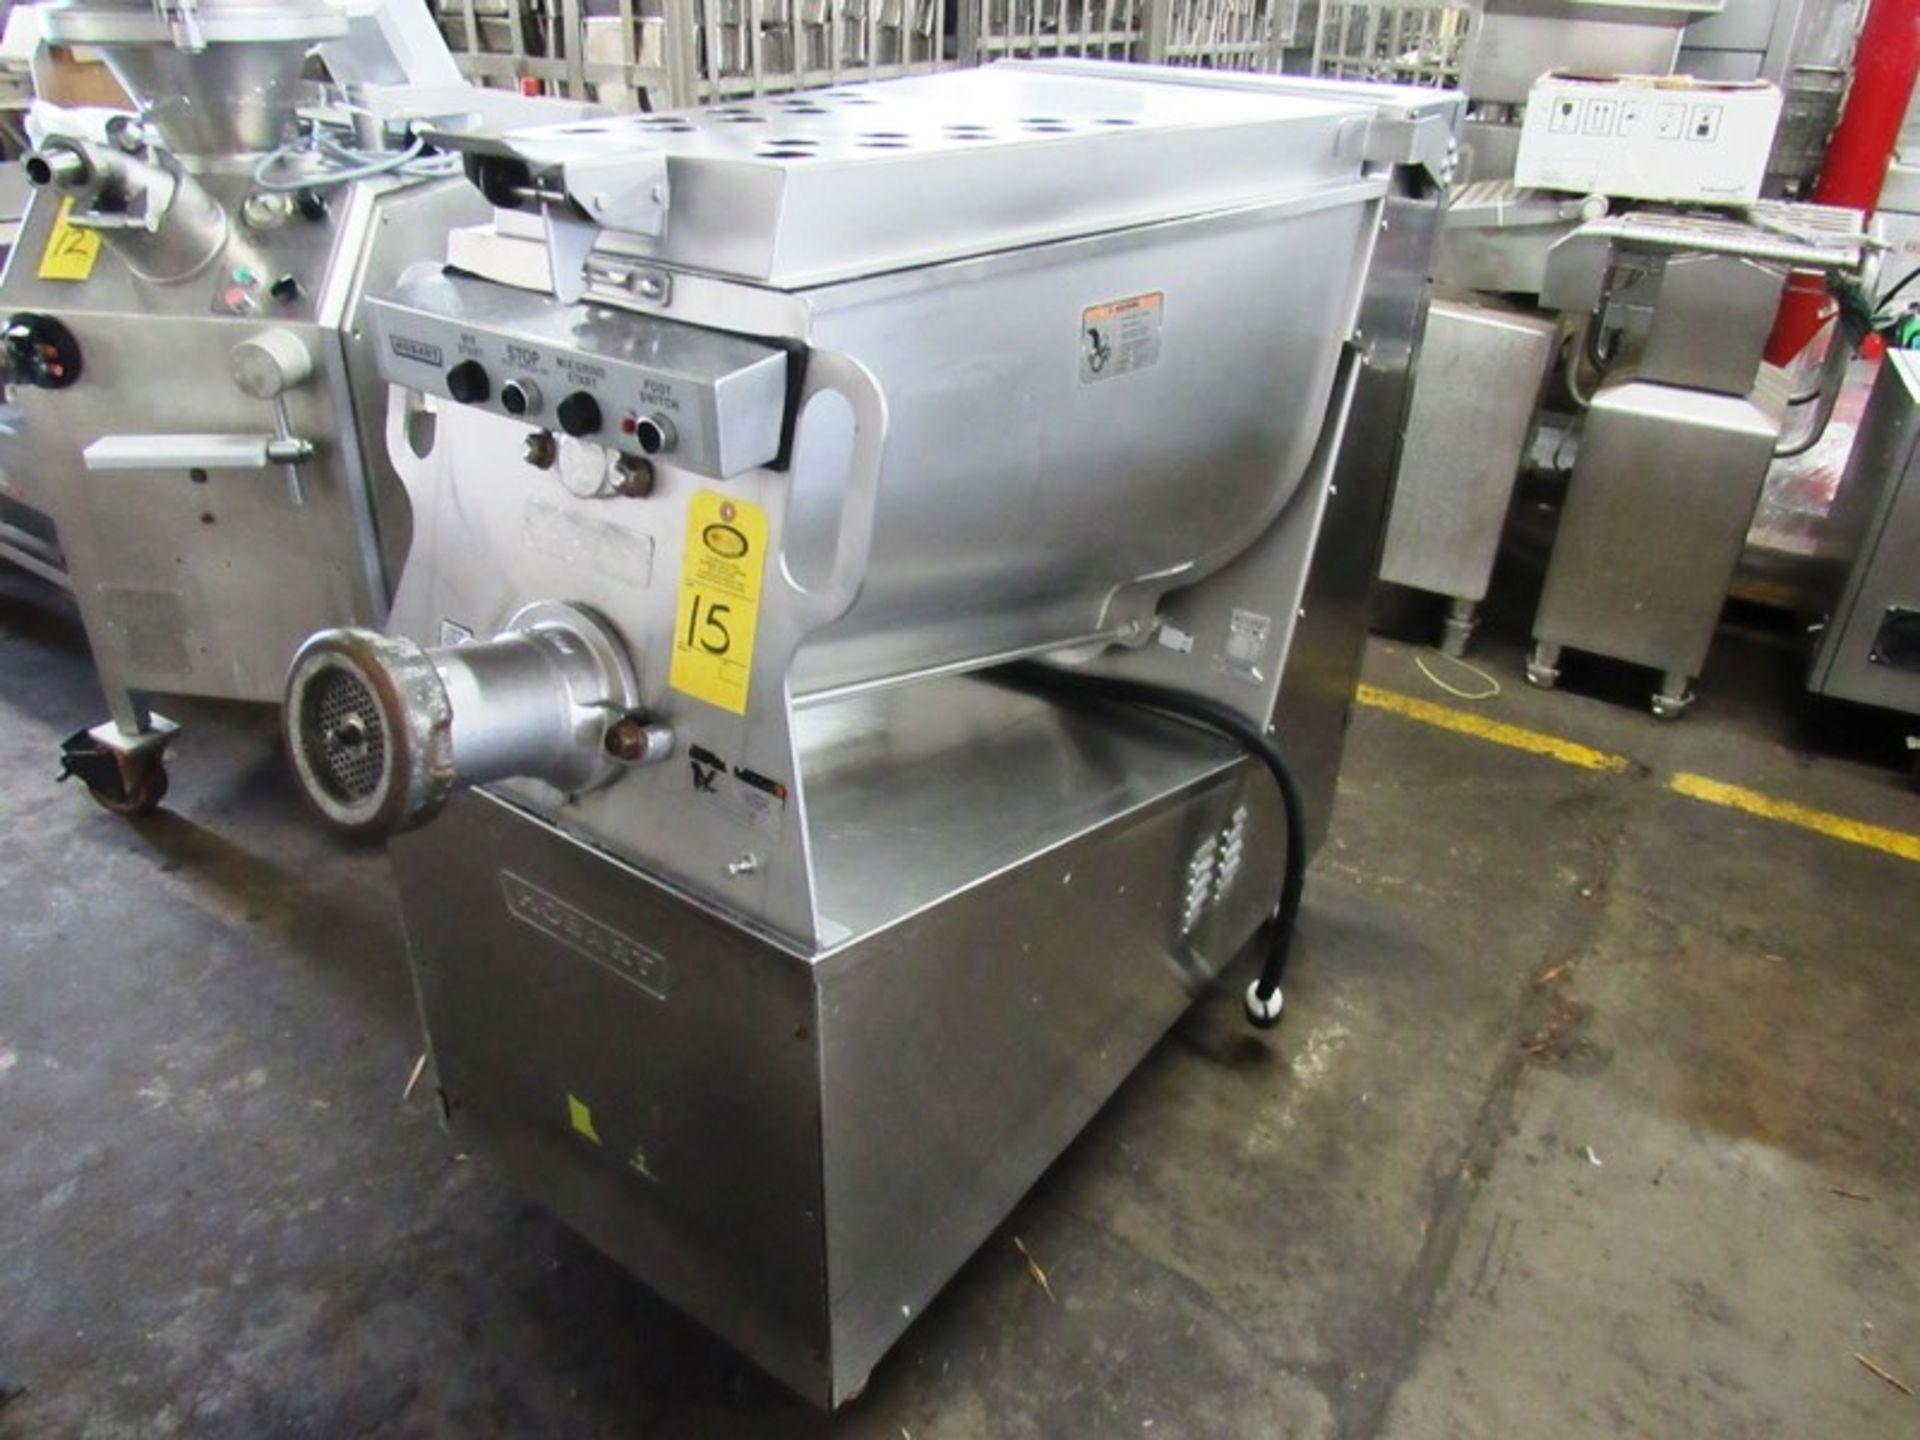 Lot 15 - Hobart Mdl. MG-2032 Portable Mixer/Grinder, # 32 Head, Ser. #27-1139-071, 220 volts